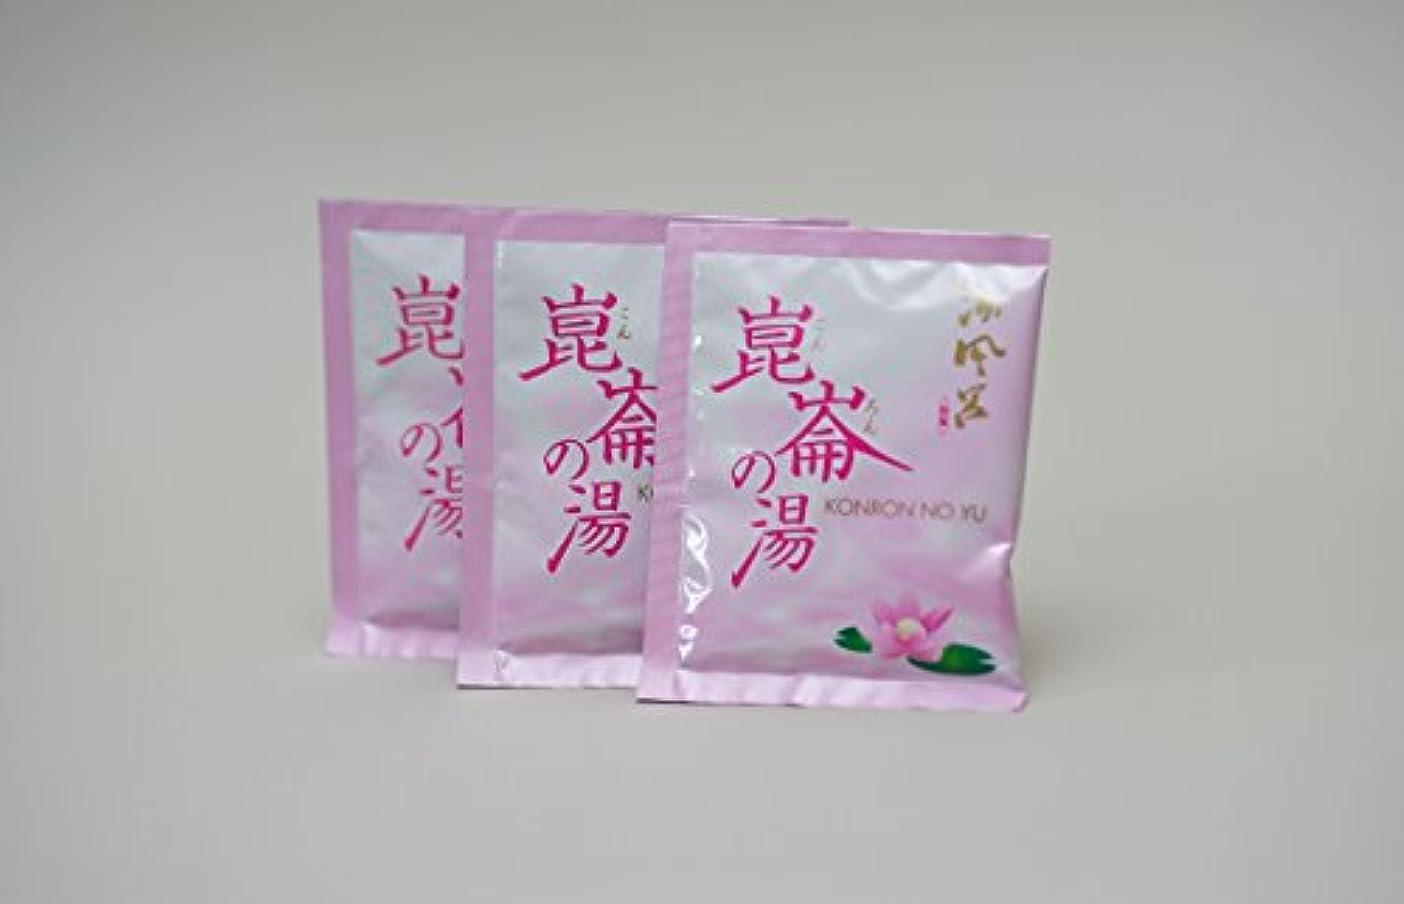 すでに殺すぐったり酒風呂入浴剤「崑崙の湯」( 日本酒風呂 ) 粉末タイプ (トライアルセット)(2袋で清酒5合の量に相当)